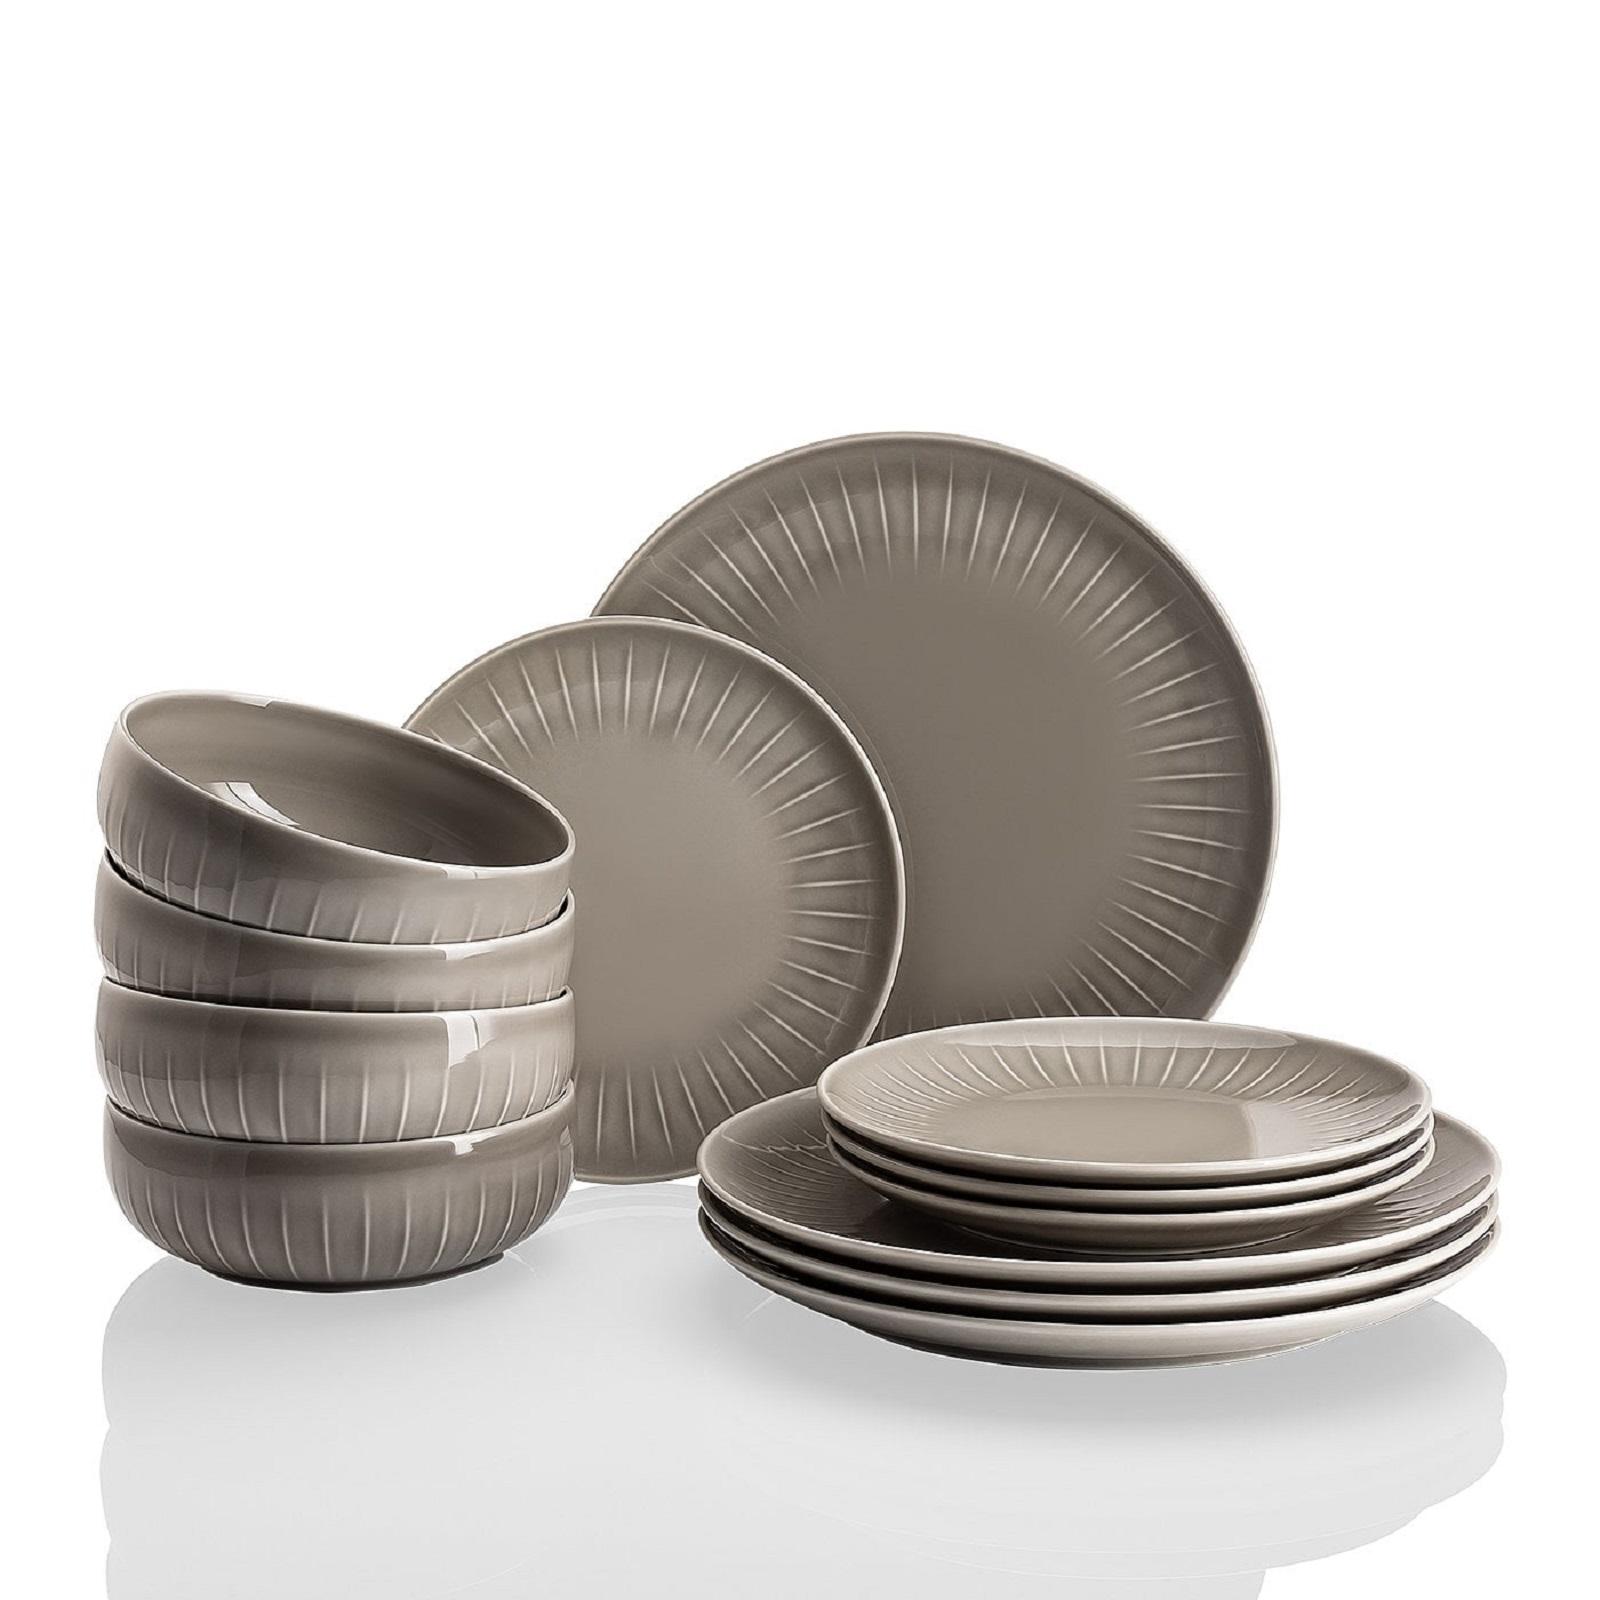 Набор посуды столовой Arzberg JOYN, серый, 12 предметов Arzberg 44020-640202-28650 фото 1